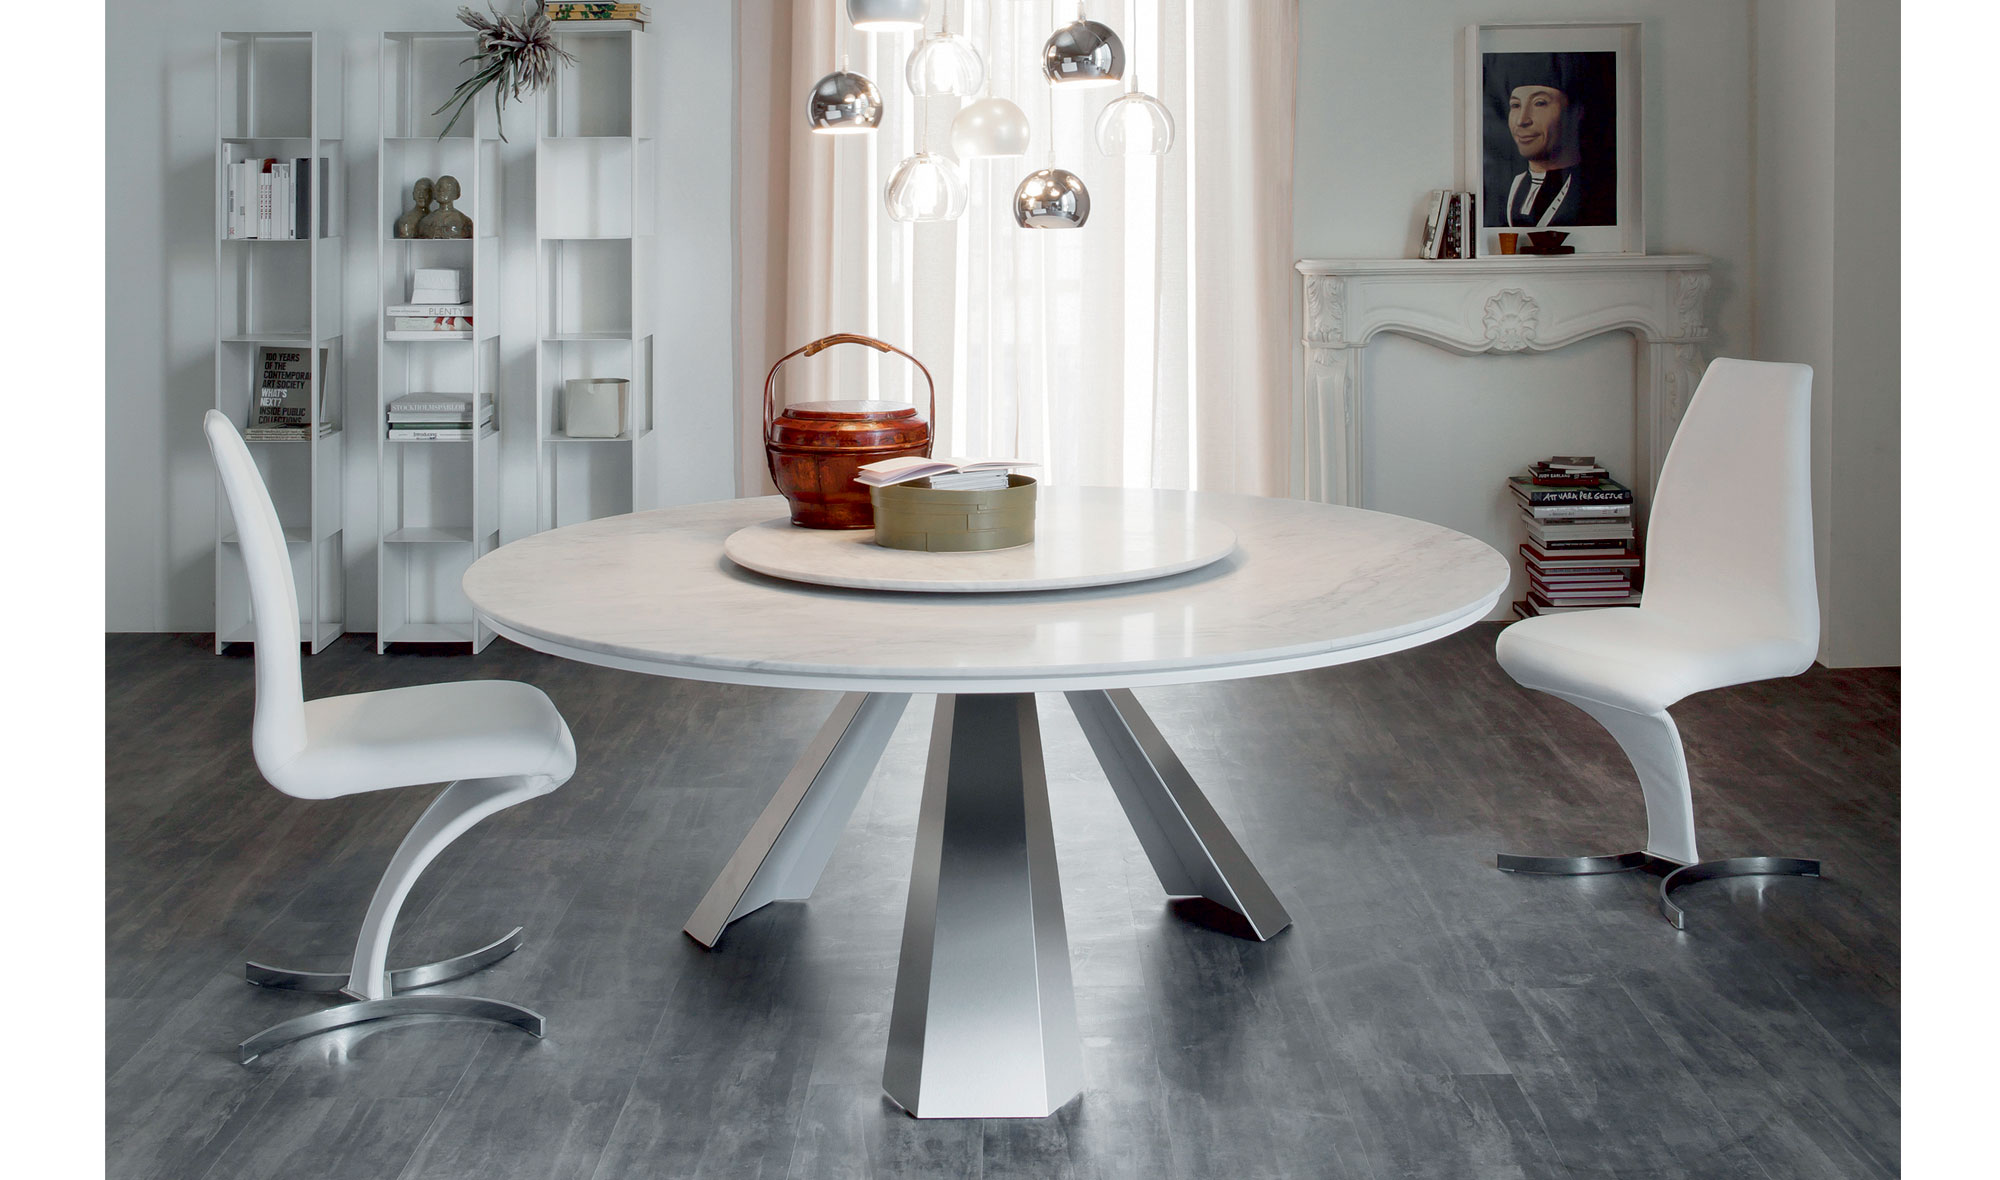 Mesa de comedor redonda moderna eliot cattelan en for Mesas redondas para comedor